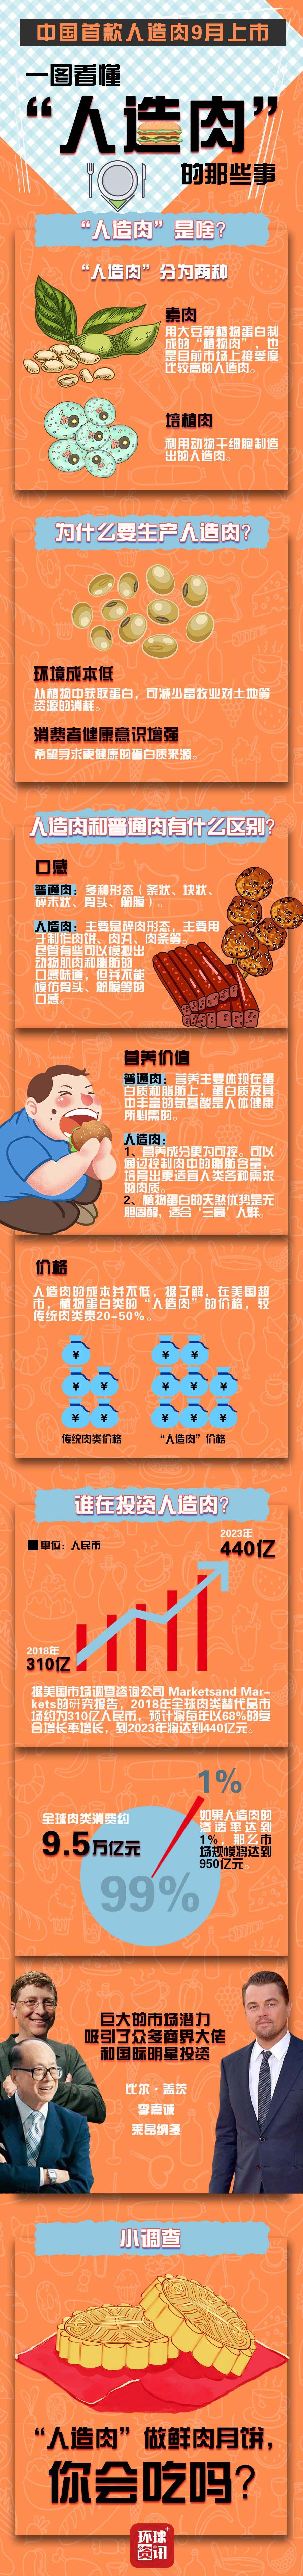 """中国首款""""人造肉""""9月上市1.jpg"""